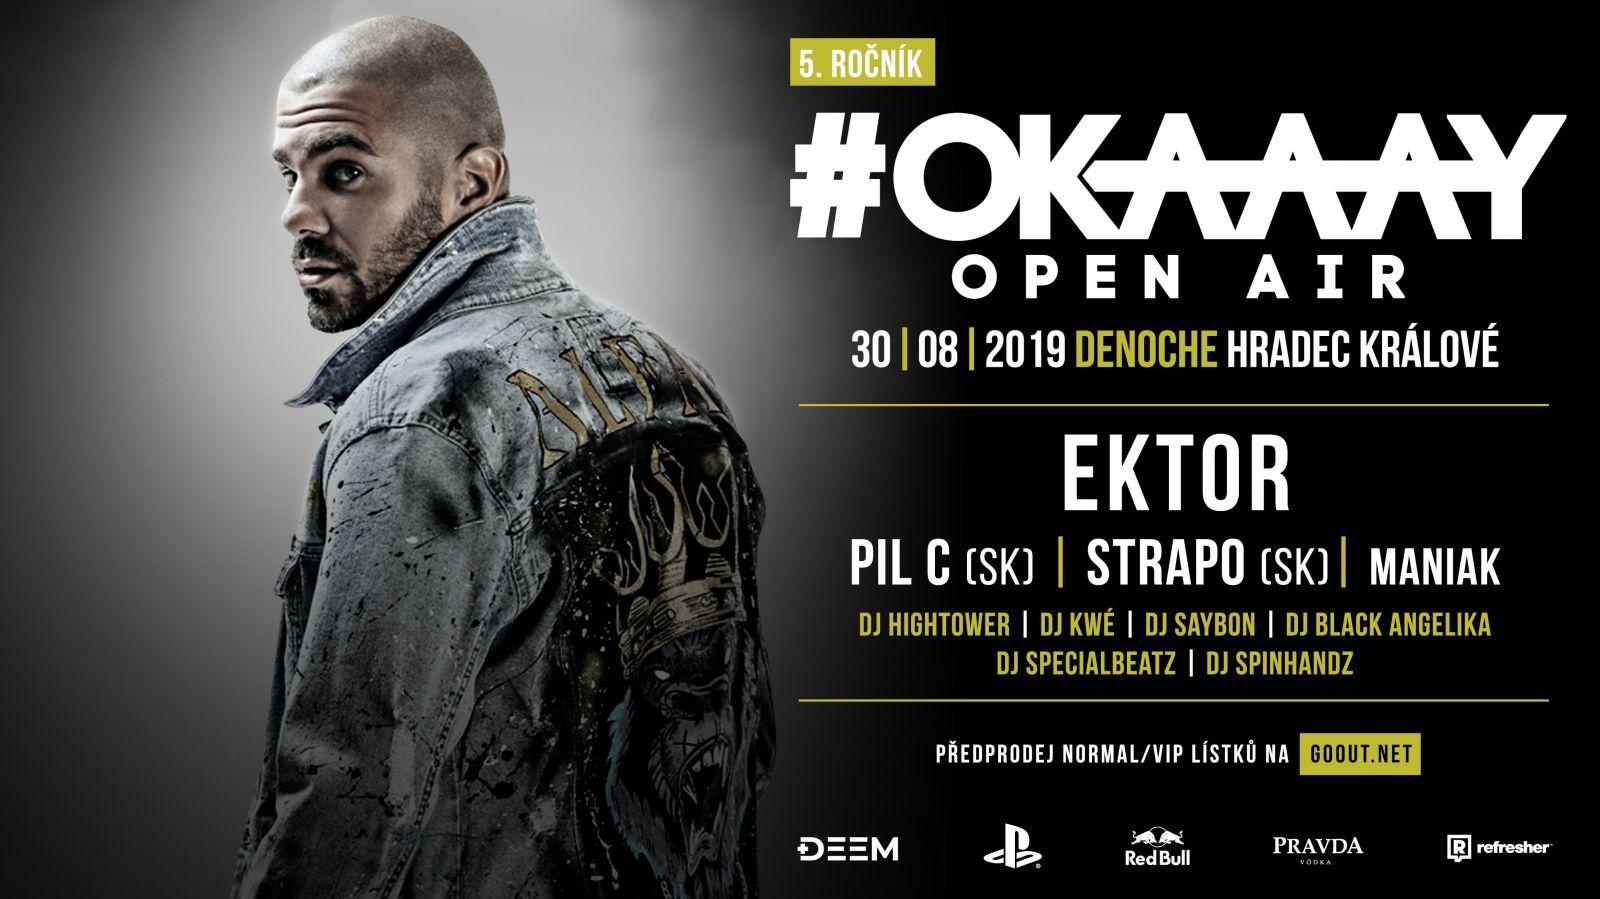 Aké najbizarnejšie zážitky z koncertov majú Ektor, Pil C, Strapo a Maniak?